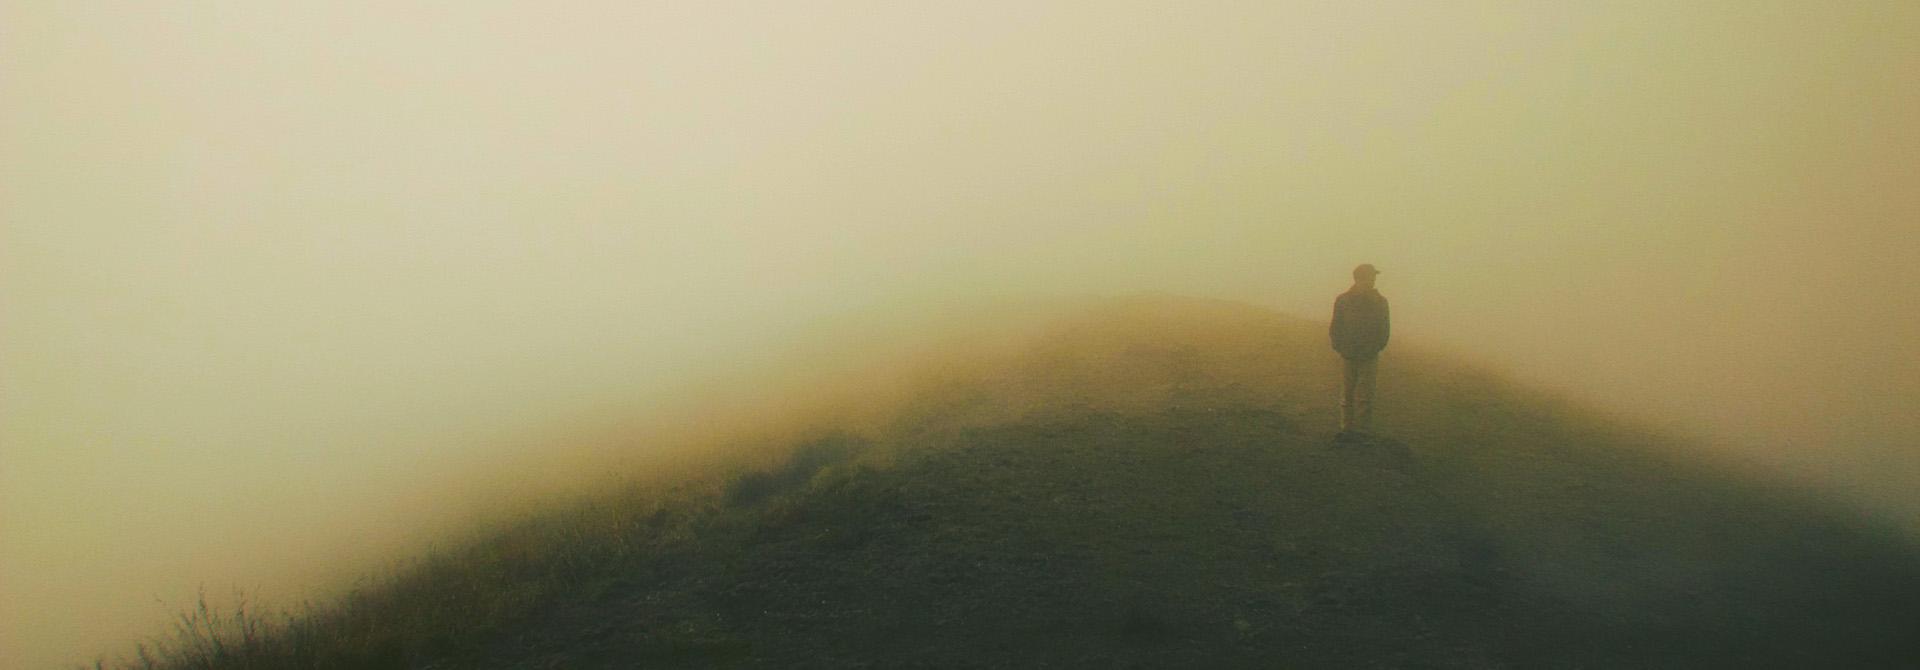 man-in-mist